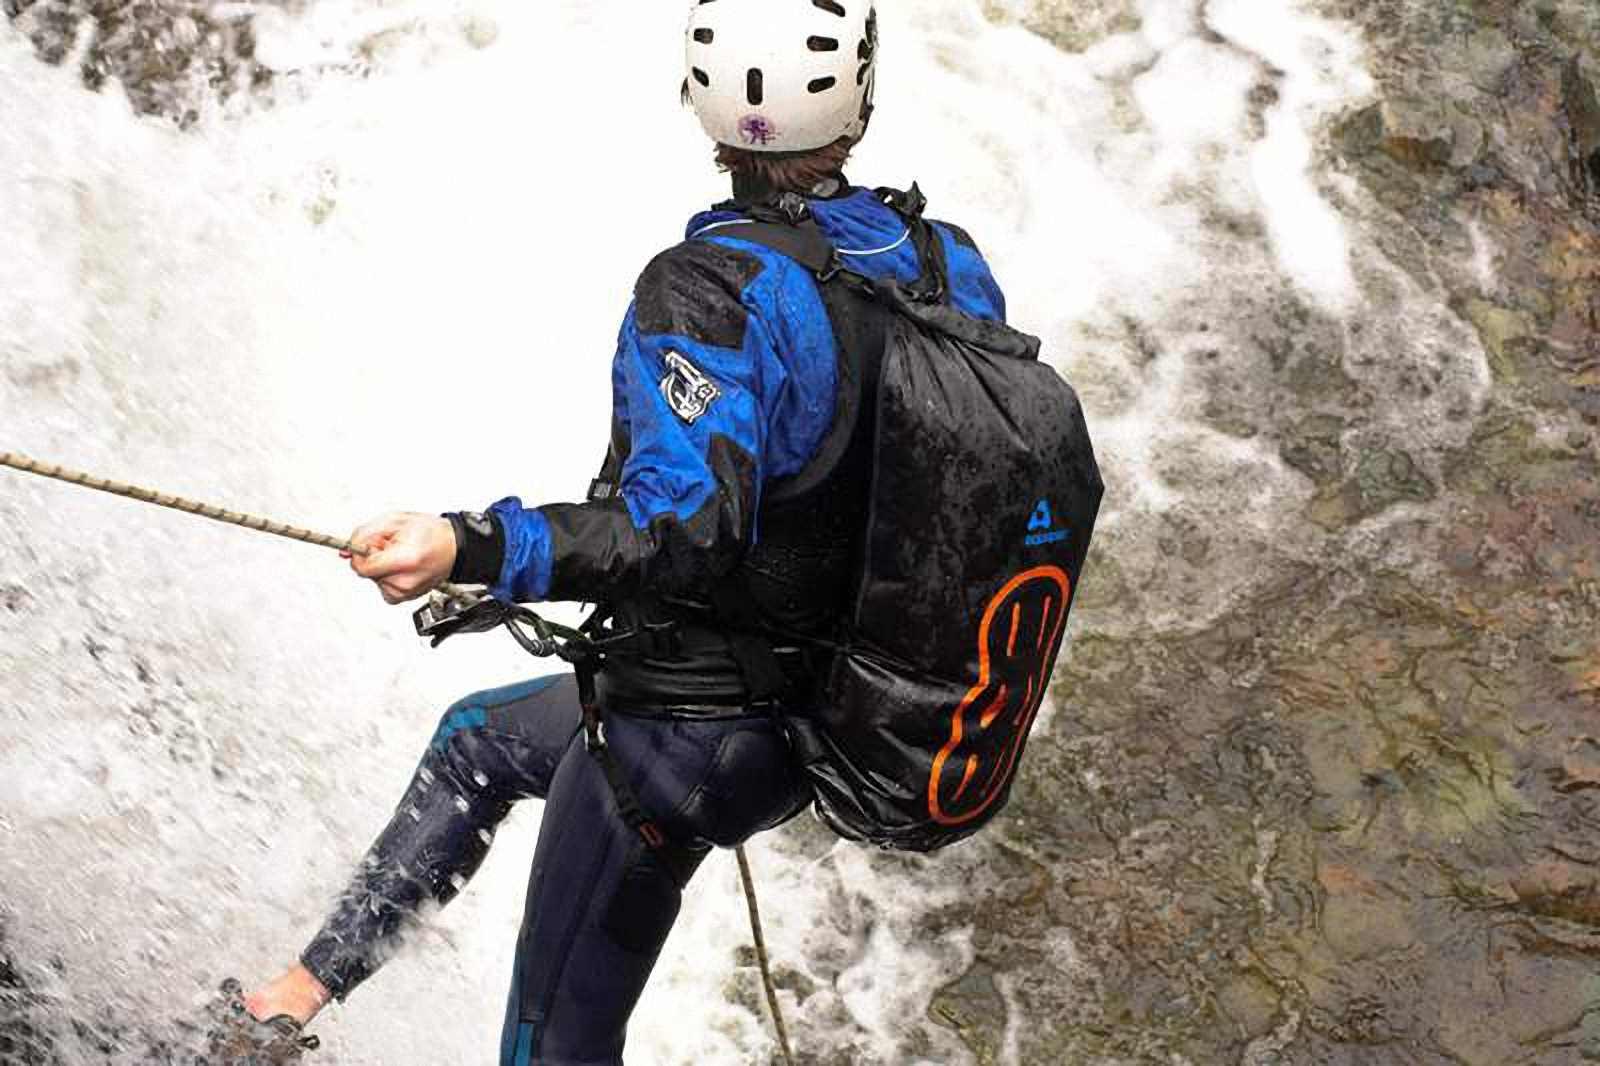 Водонепроницаемый  гермомешок-рюкзак (с двумя плечевыми ремнями) Aquapac 755 - Noatak Wet & Drybag - 35L.. Aquapac - №1 в мире водонепроницаемых чехлов и сумок. Фото 5